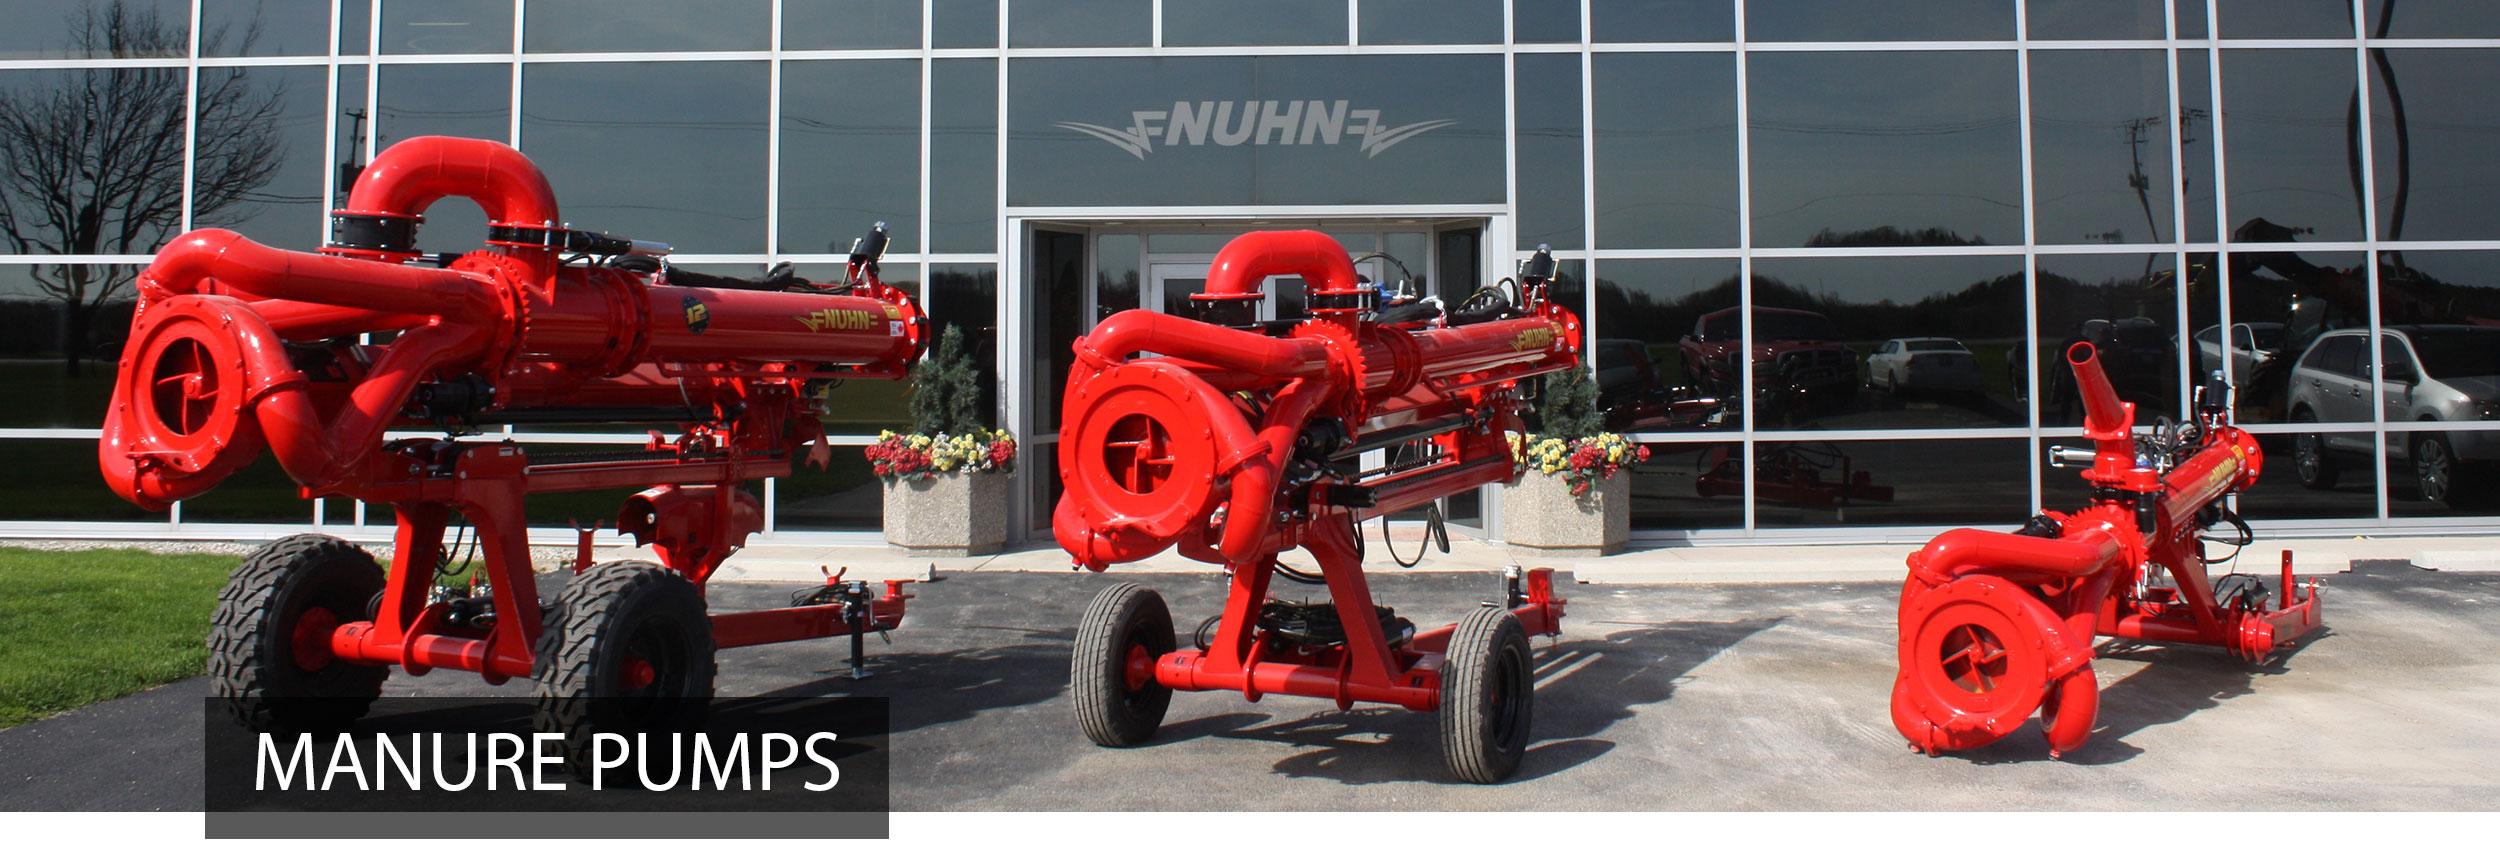 Manure Pump – Wonderful Image Gallery